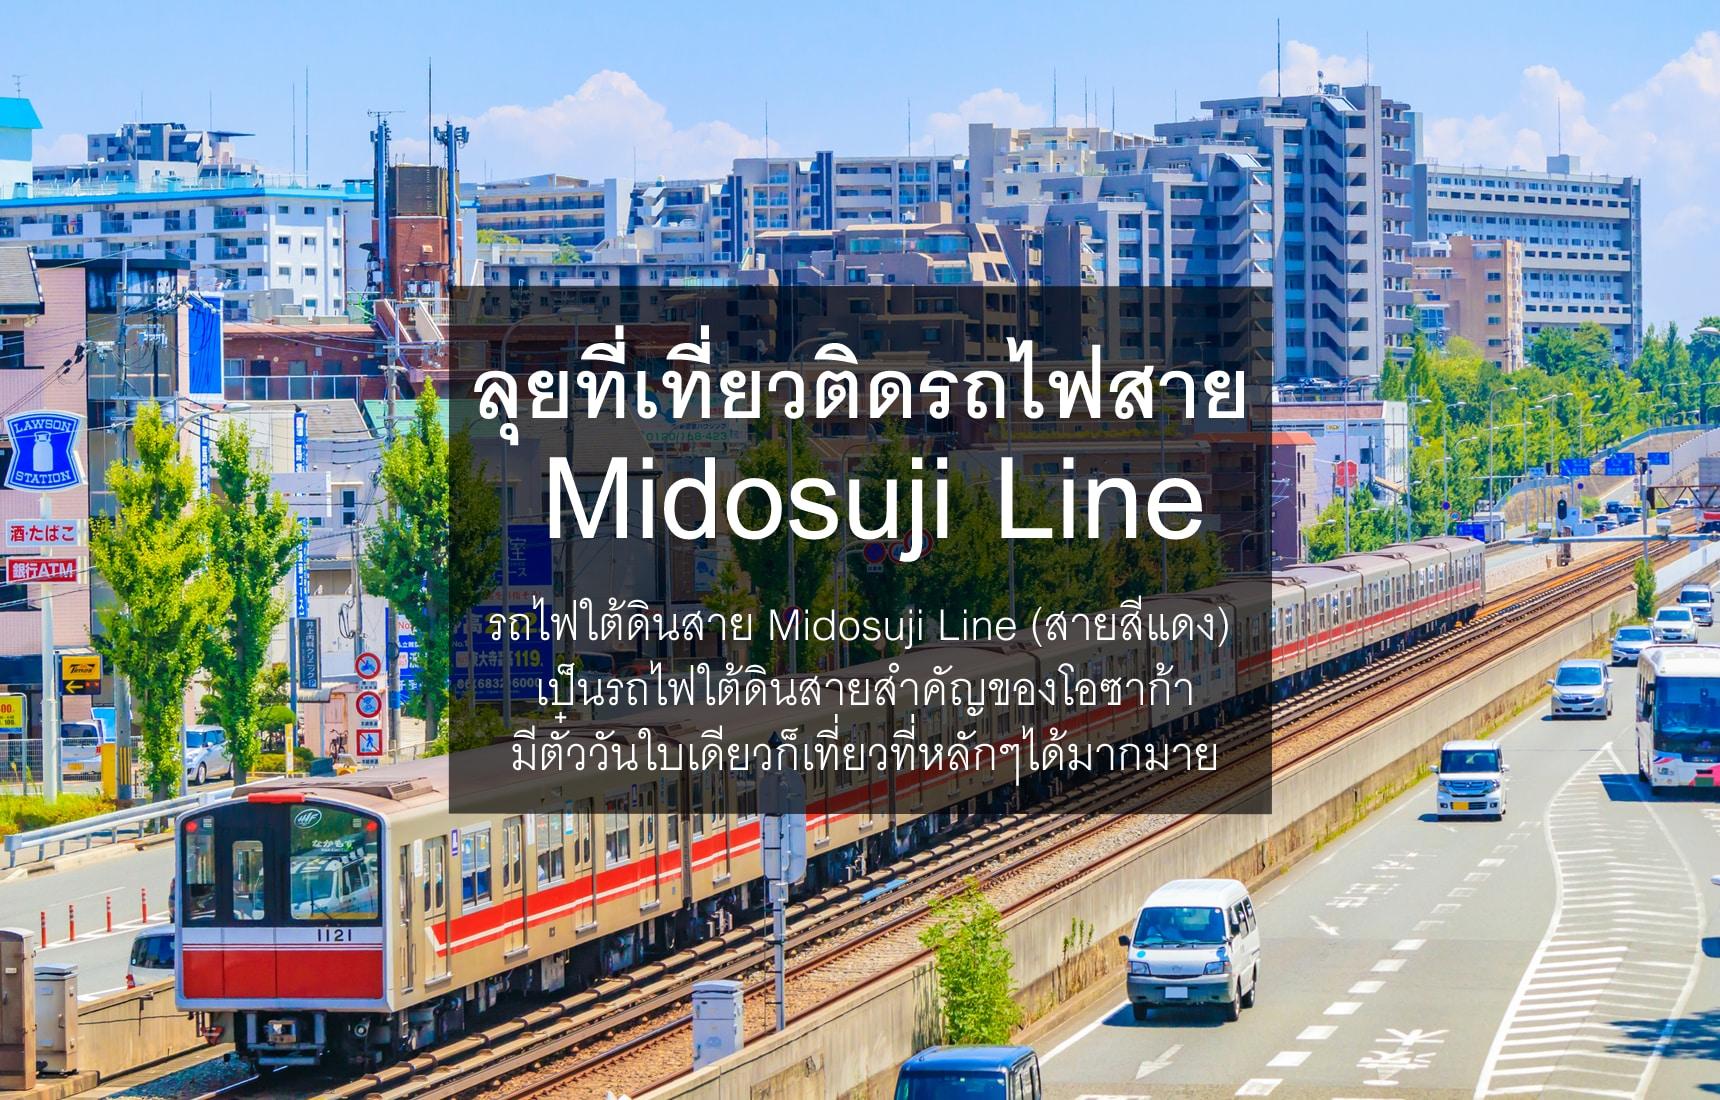 ลุยที่เที่ยวติดรถไฟสาย Midosuji Line